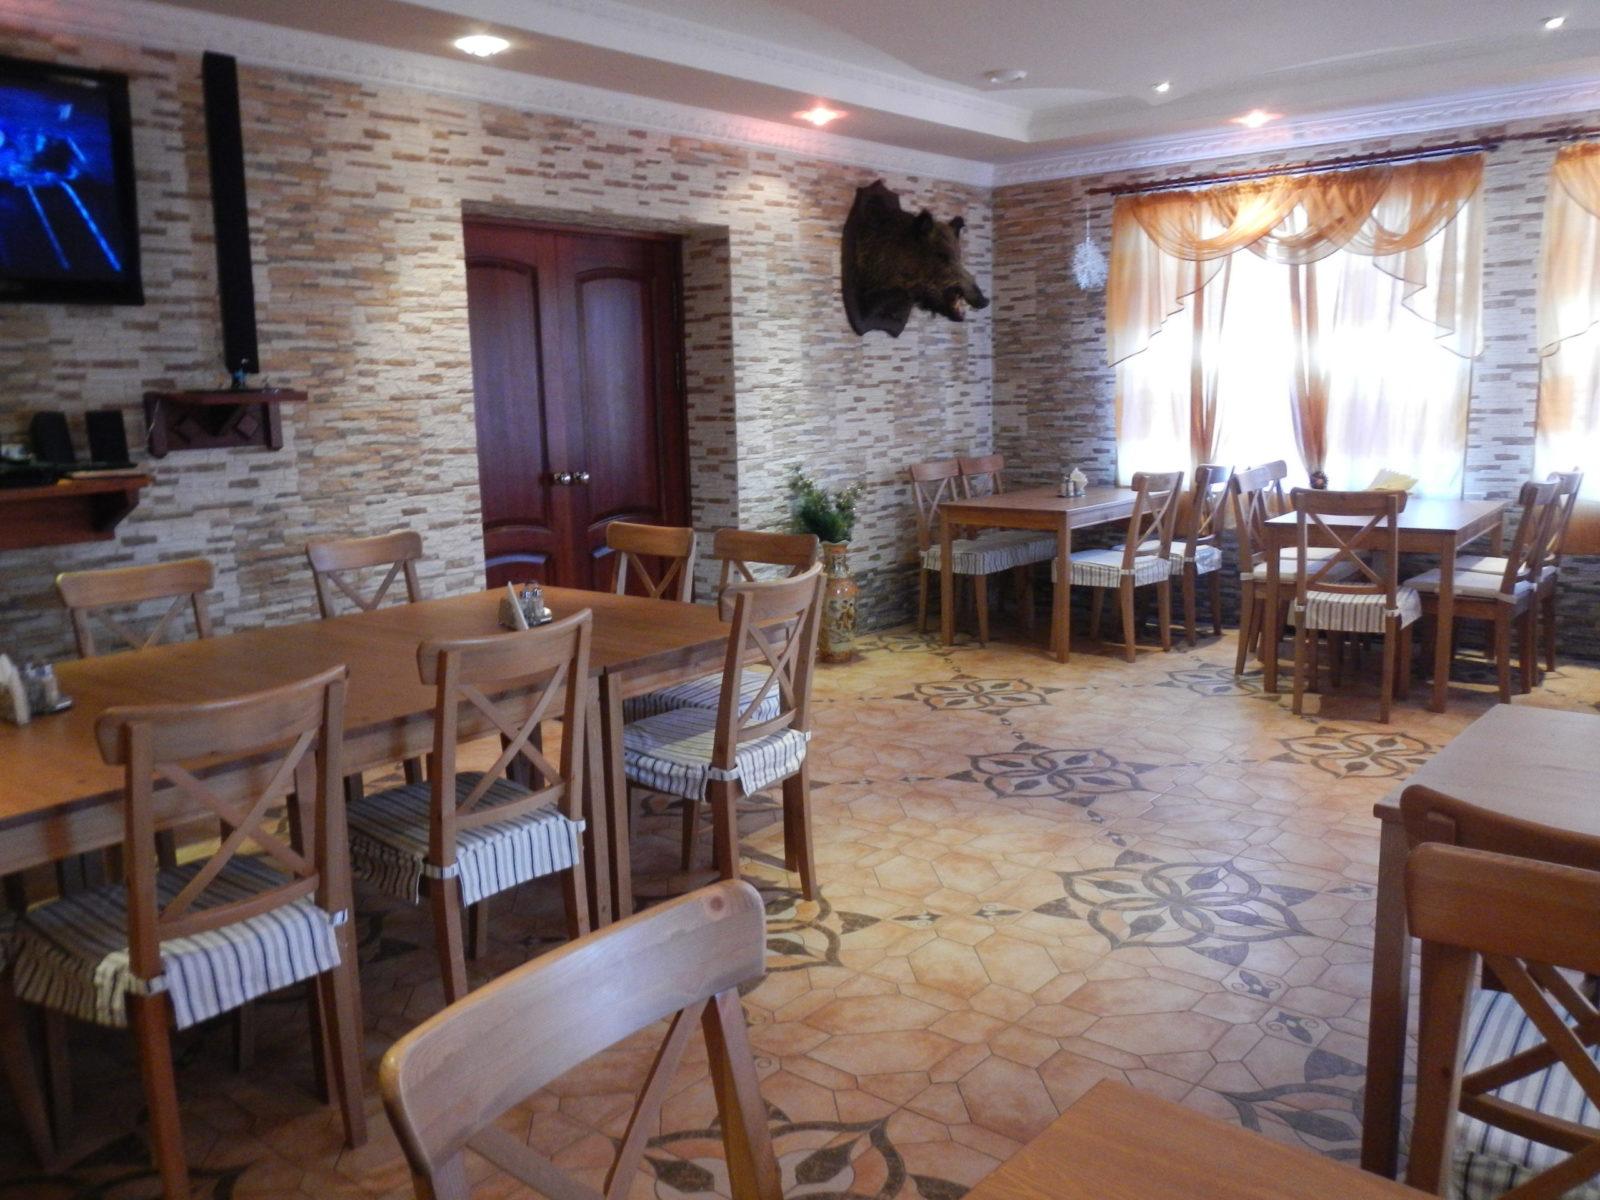 nashe kafe zimnjaja rybalka i otdyh rybolovnaja baza cherkasovo rybinskoe vodohranilishhe 2 scaled - наше кафе